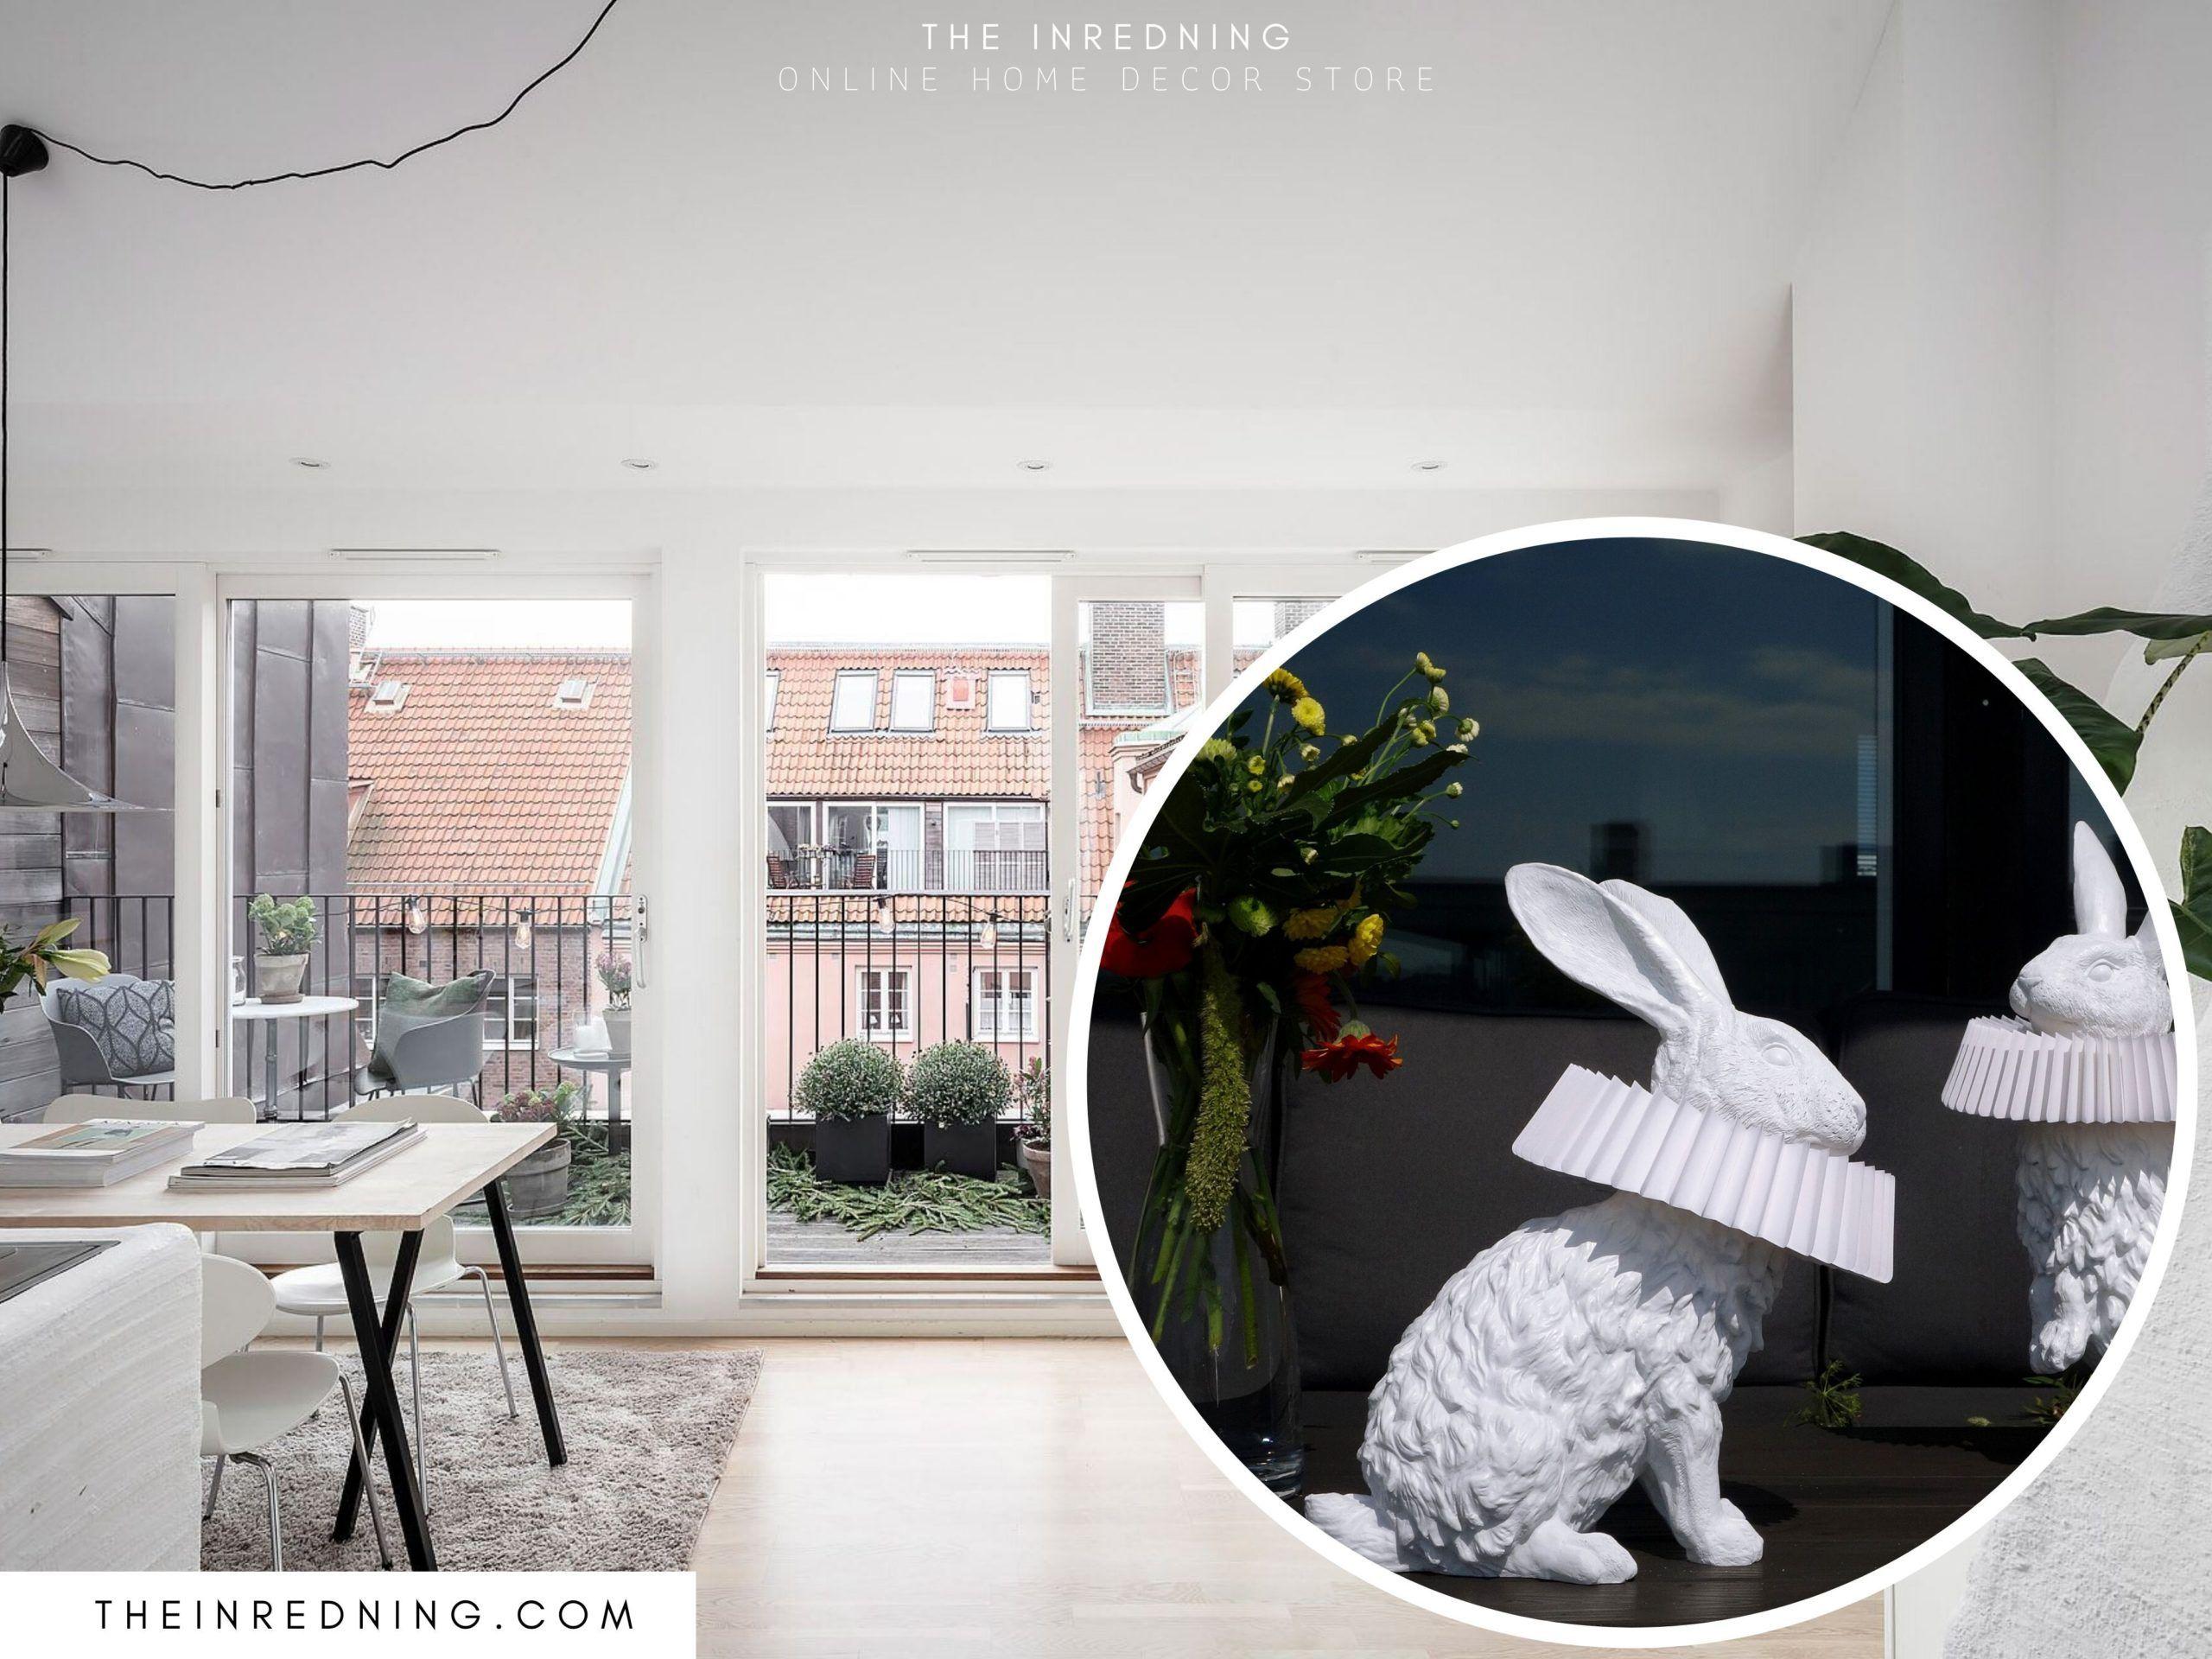 Hasenlampe Mit Dekorativer Skulptur Fur Wohnzimmer Schlafzimmer Kinderzimmer Kinder Zimmer Kinderzimmer Deko Skulpturen